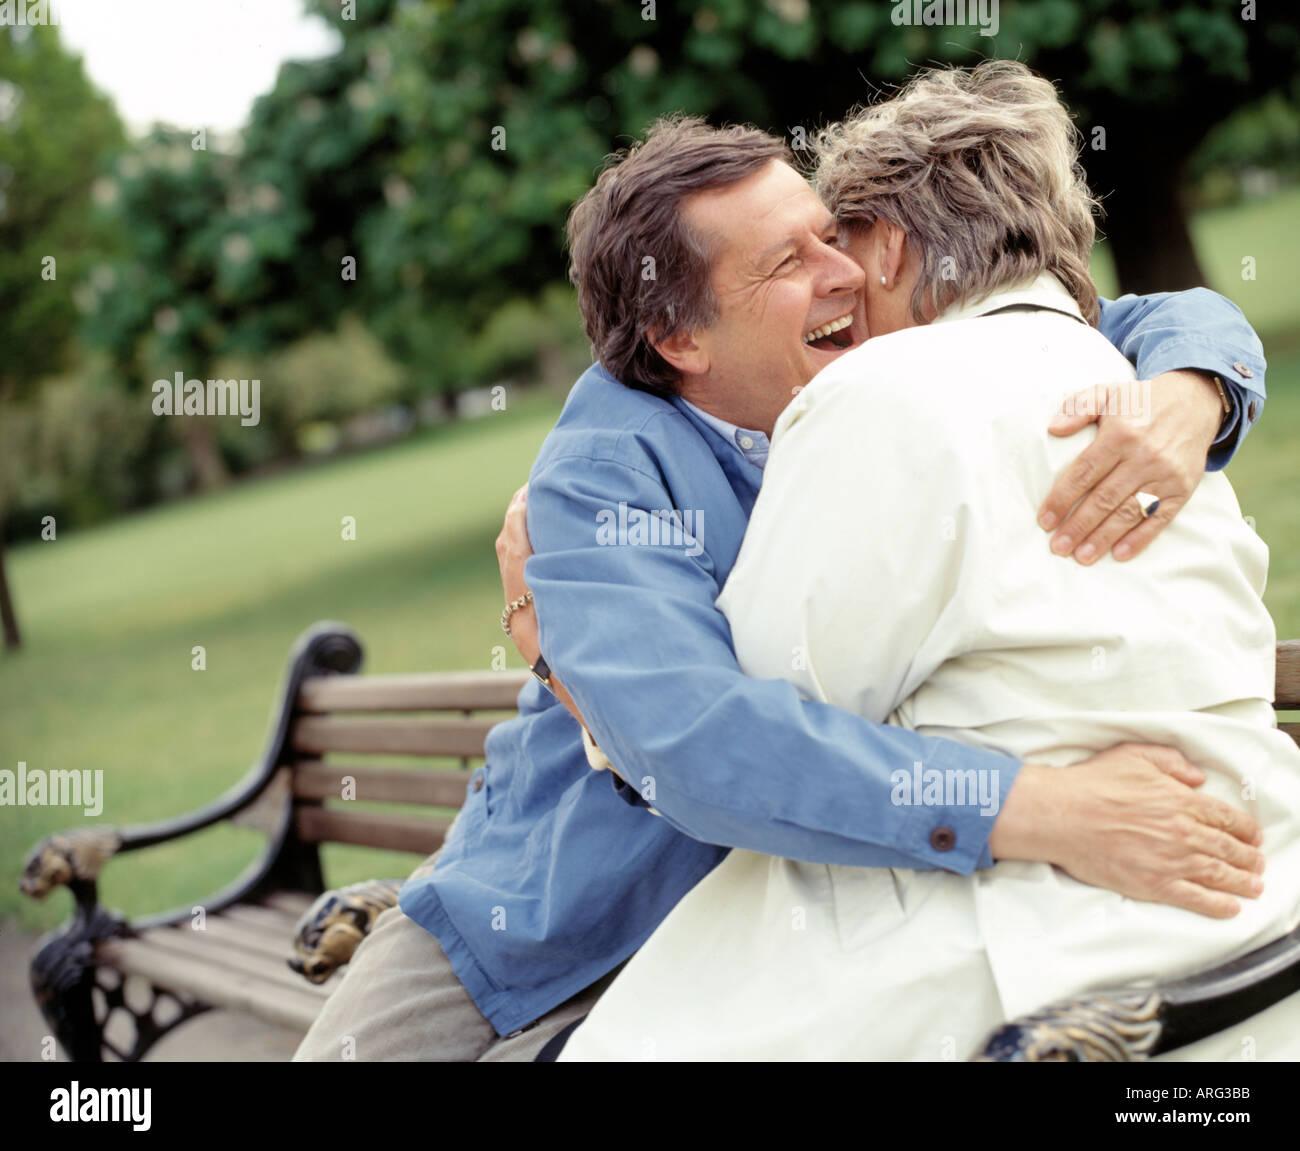 Medioevo giovane ridendo e abbracciando su una panchina nel parco Immagini Stock